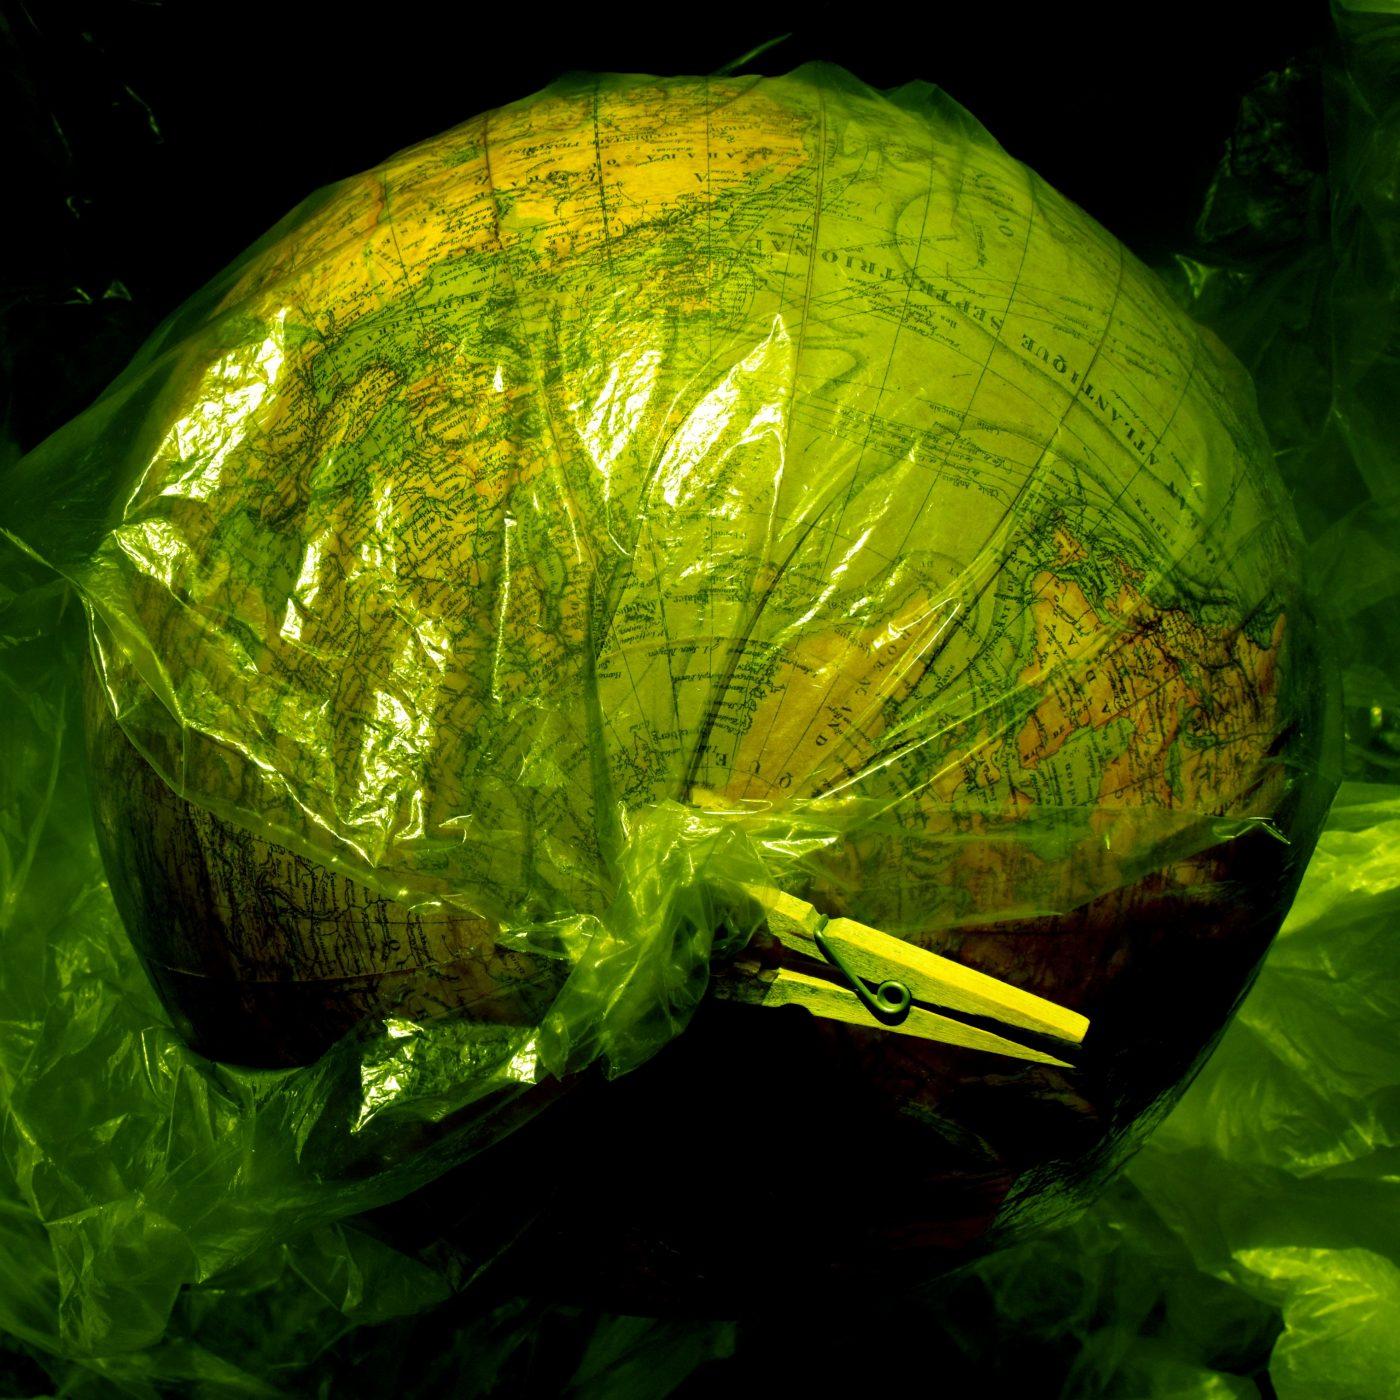 The-plastik-world-n°7-by-Laura-Malaterra-1e04de6fb0ff44c36f66df372a99efcc